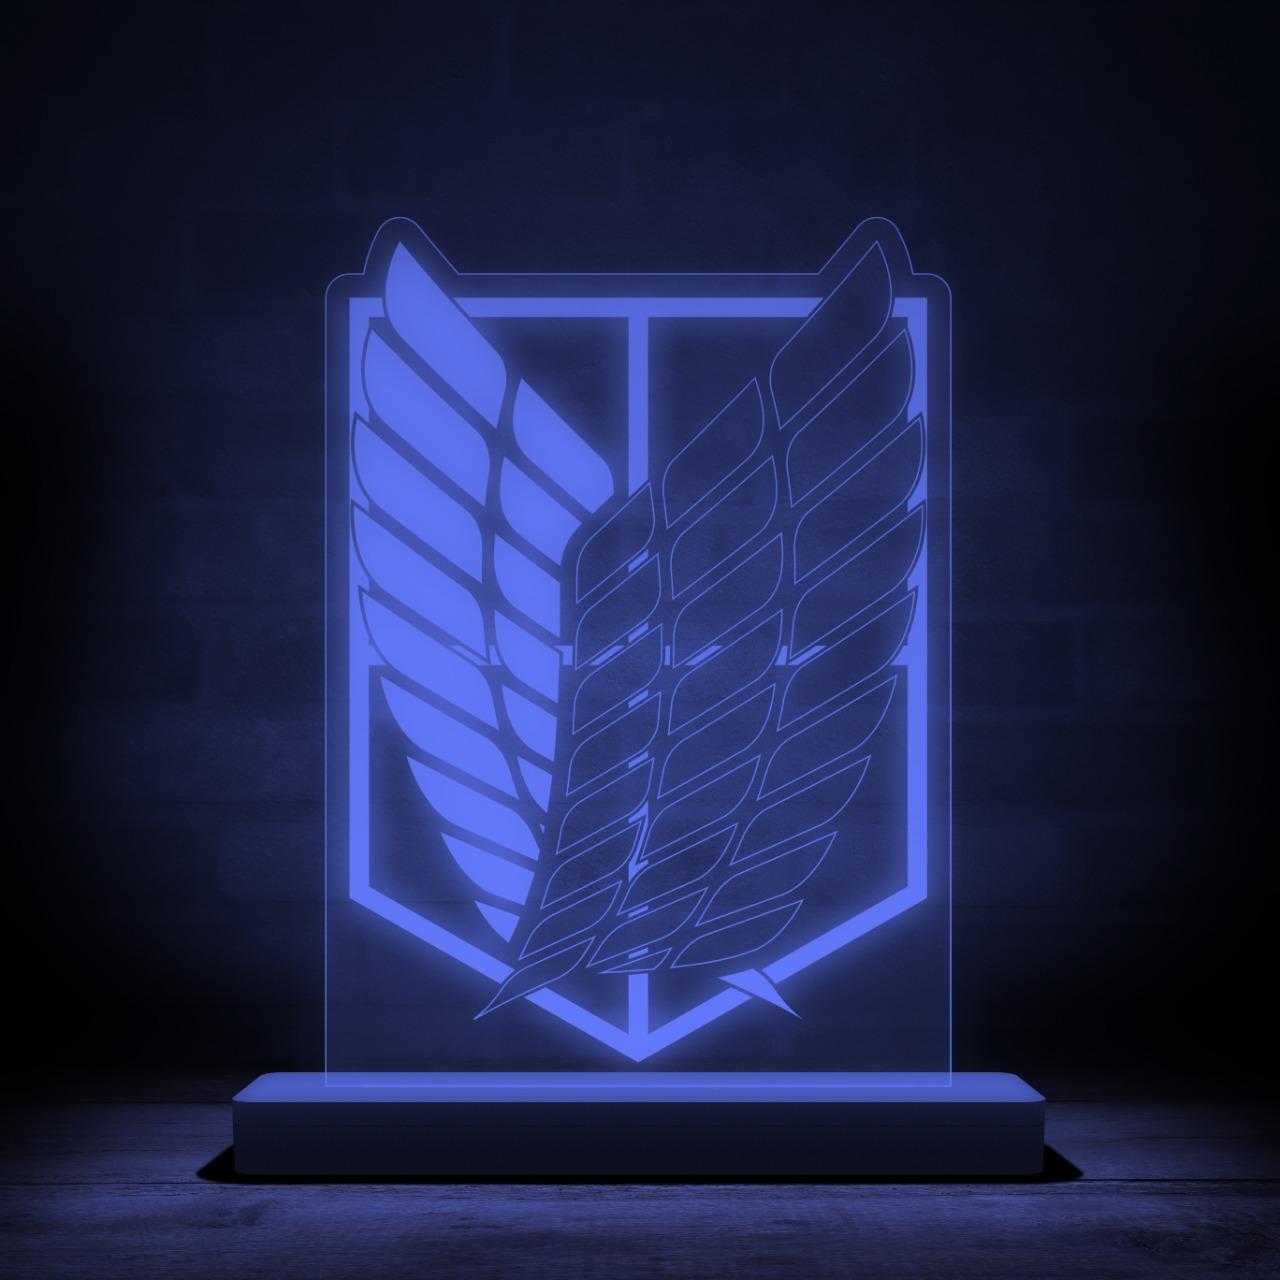 Luminária/Abajur Símbolo Tropa De Exploração: Attack On Titan Shingeki no Kyojin - Anime Mangá - EV